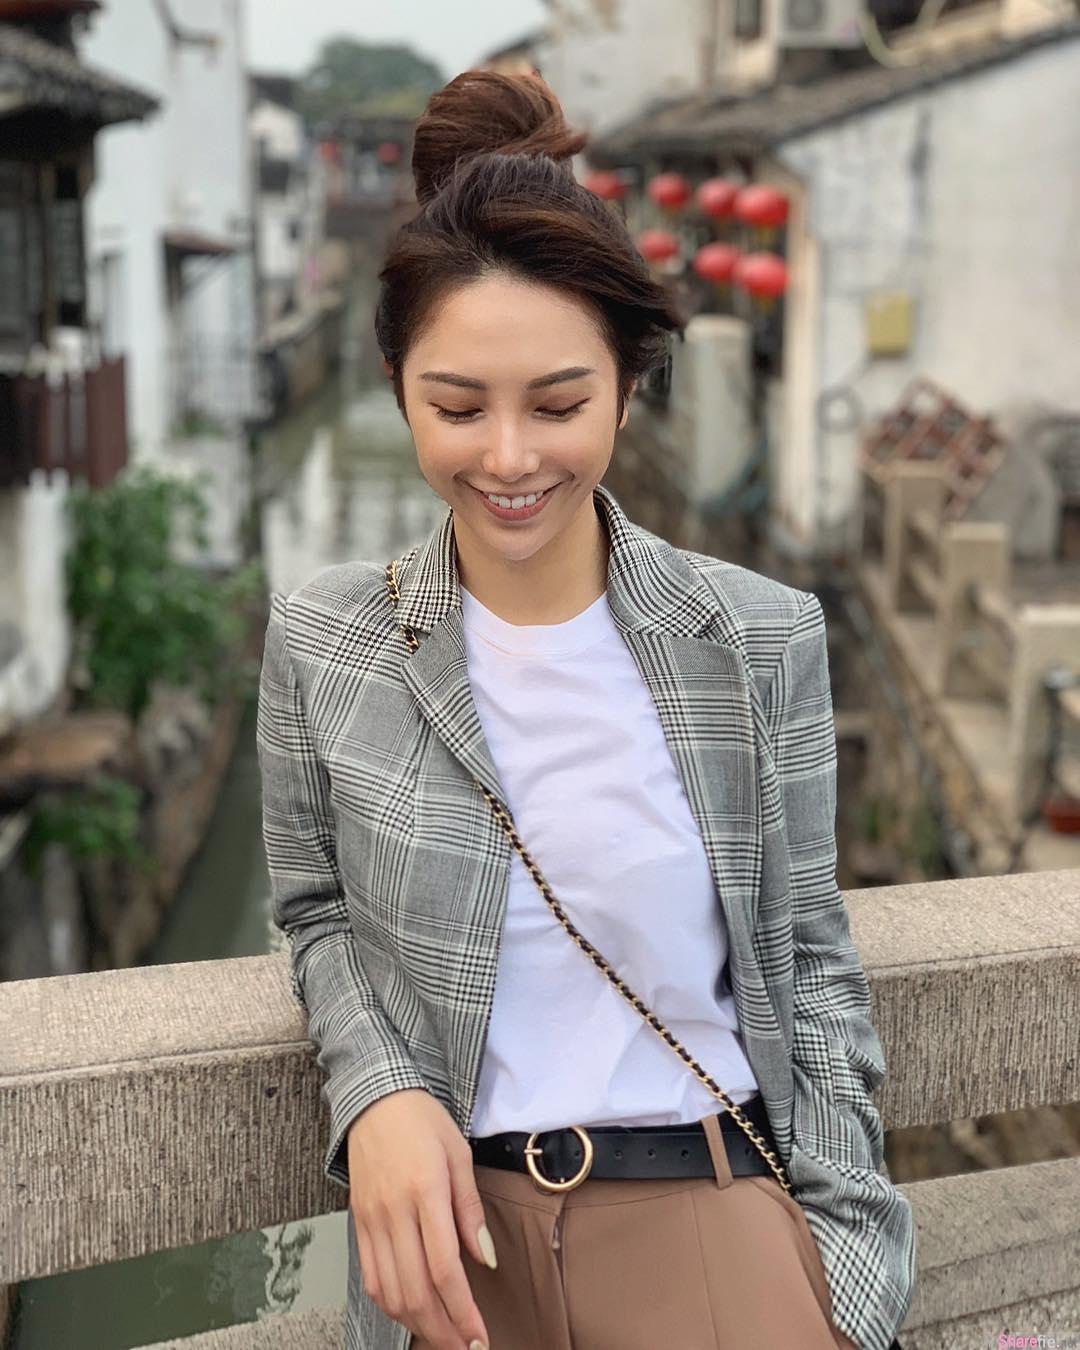 甜美正妹Stephanie Chiu,餐桌美拍好身材藏不住,网友:放得不错